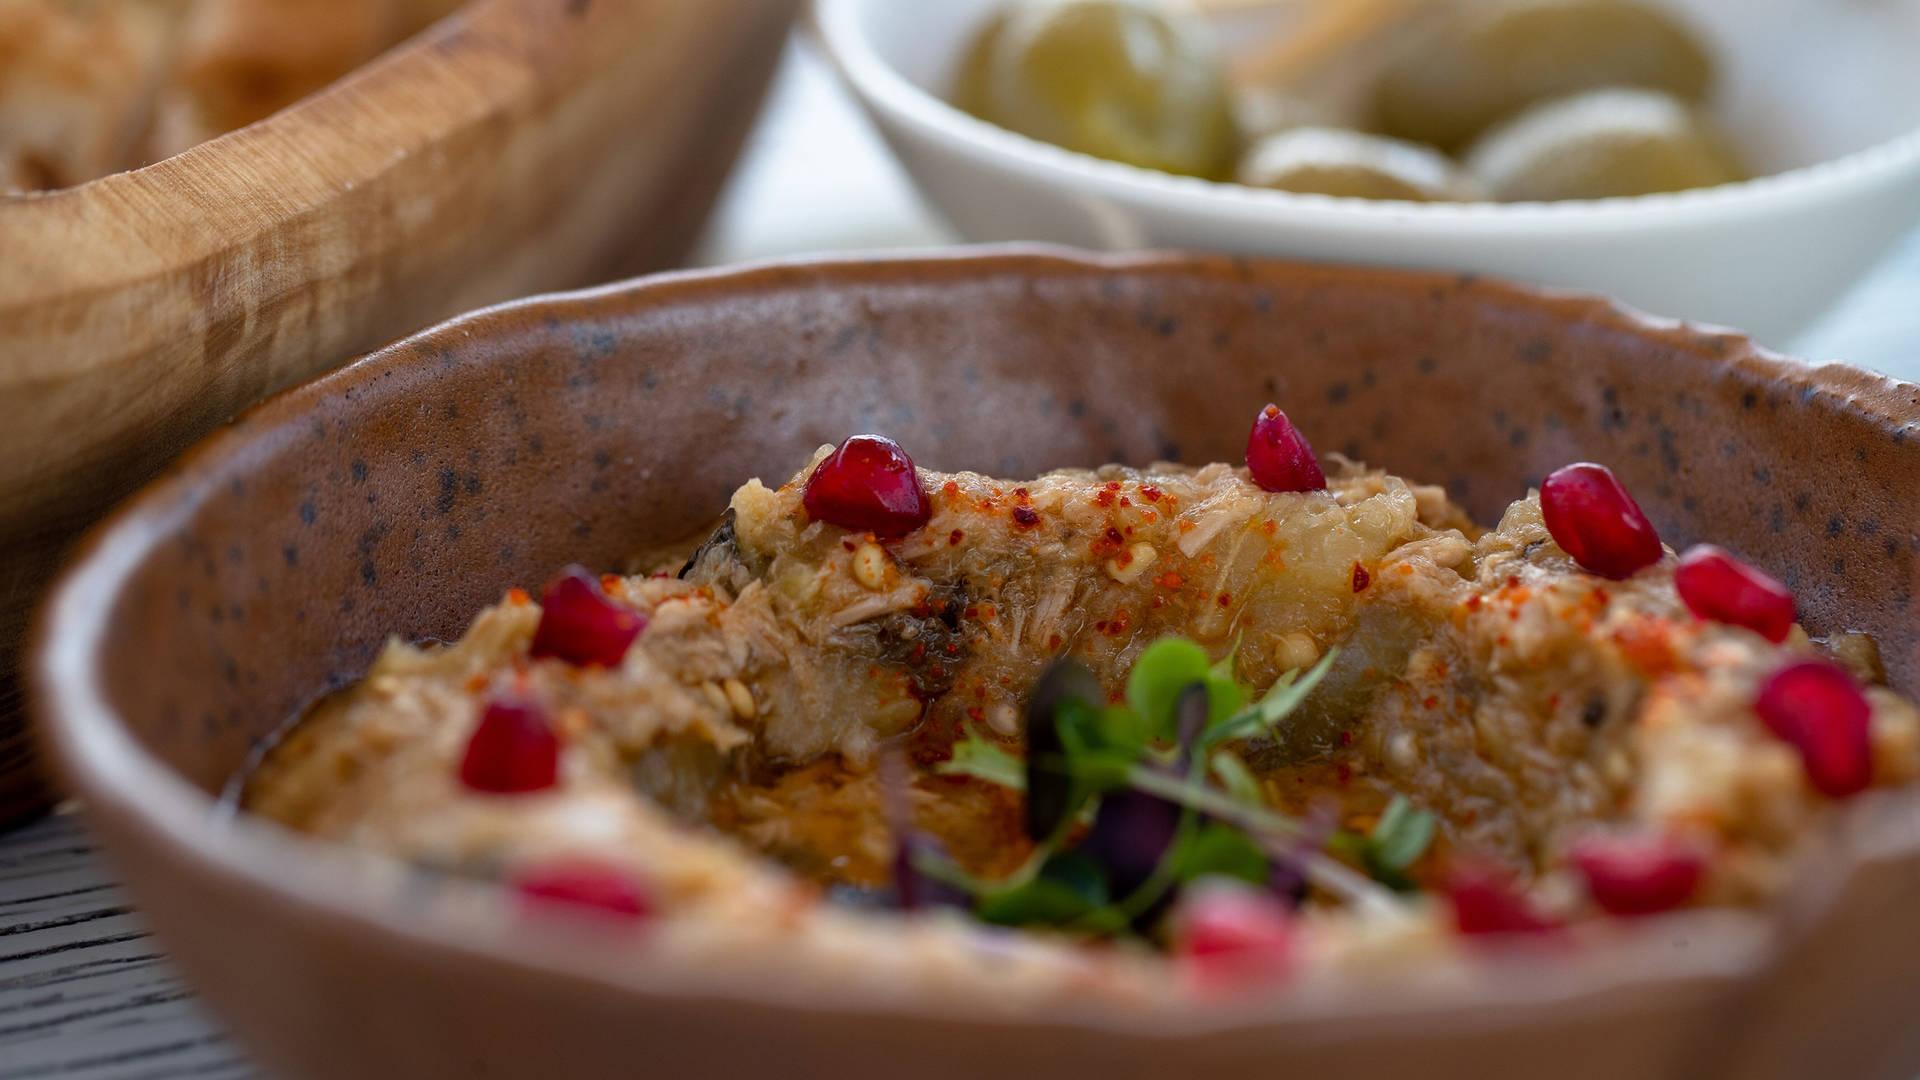 Mezze dishes in Kuwait